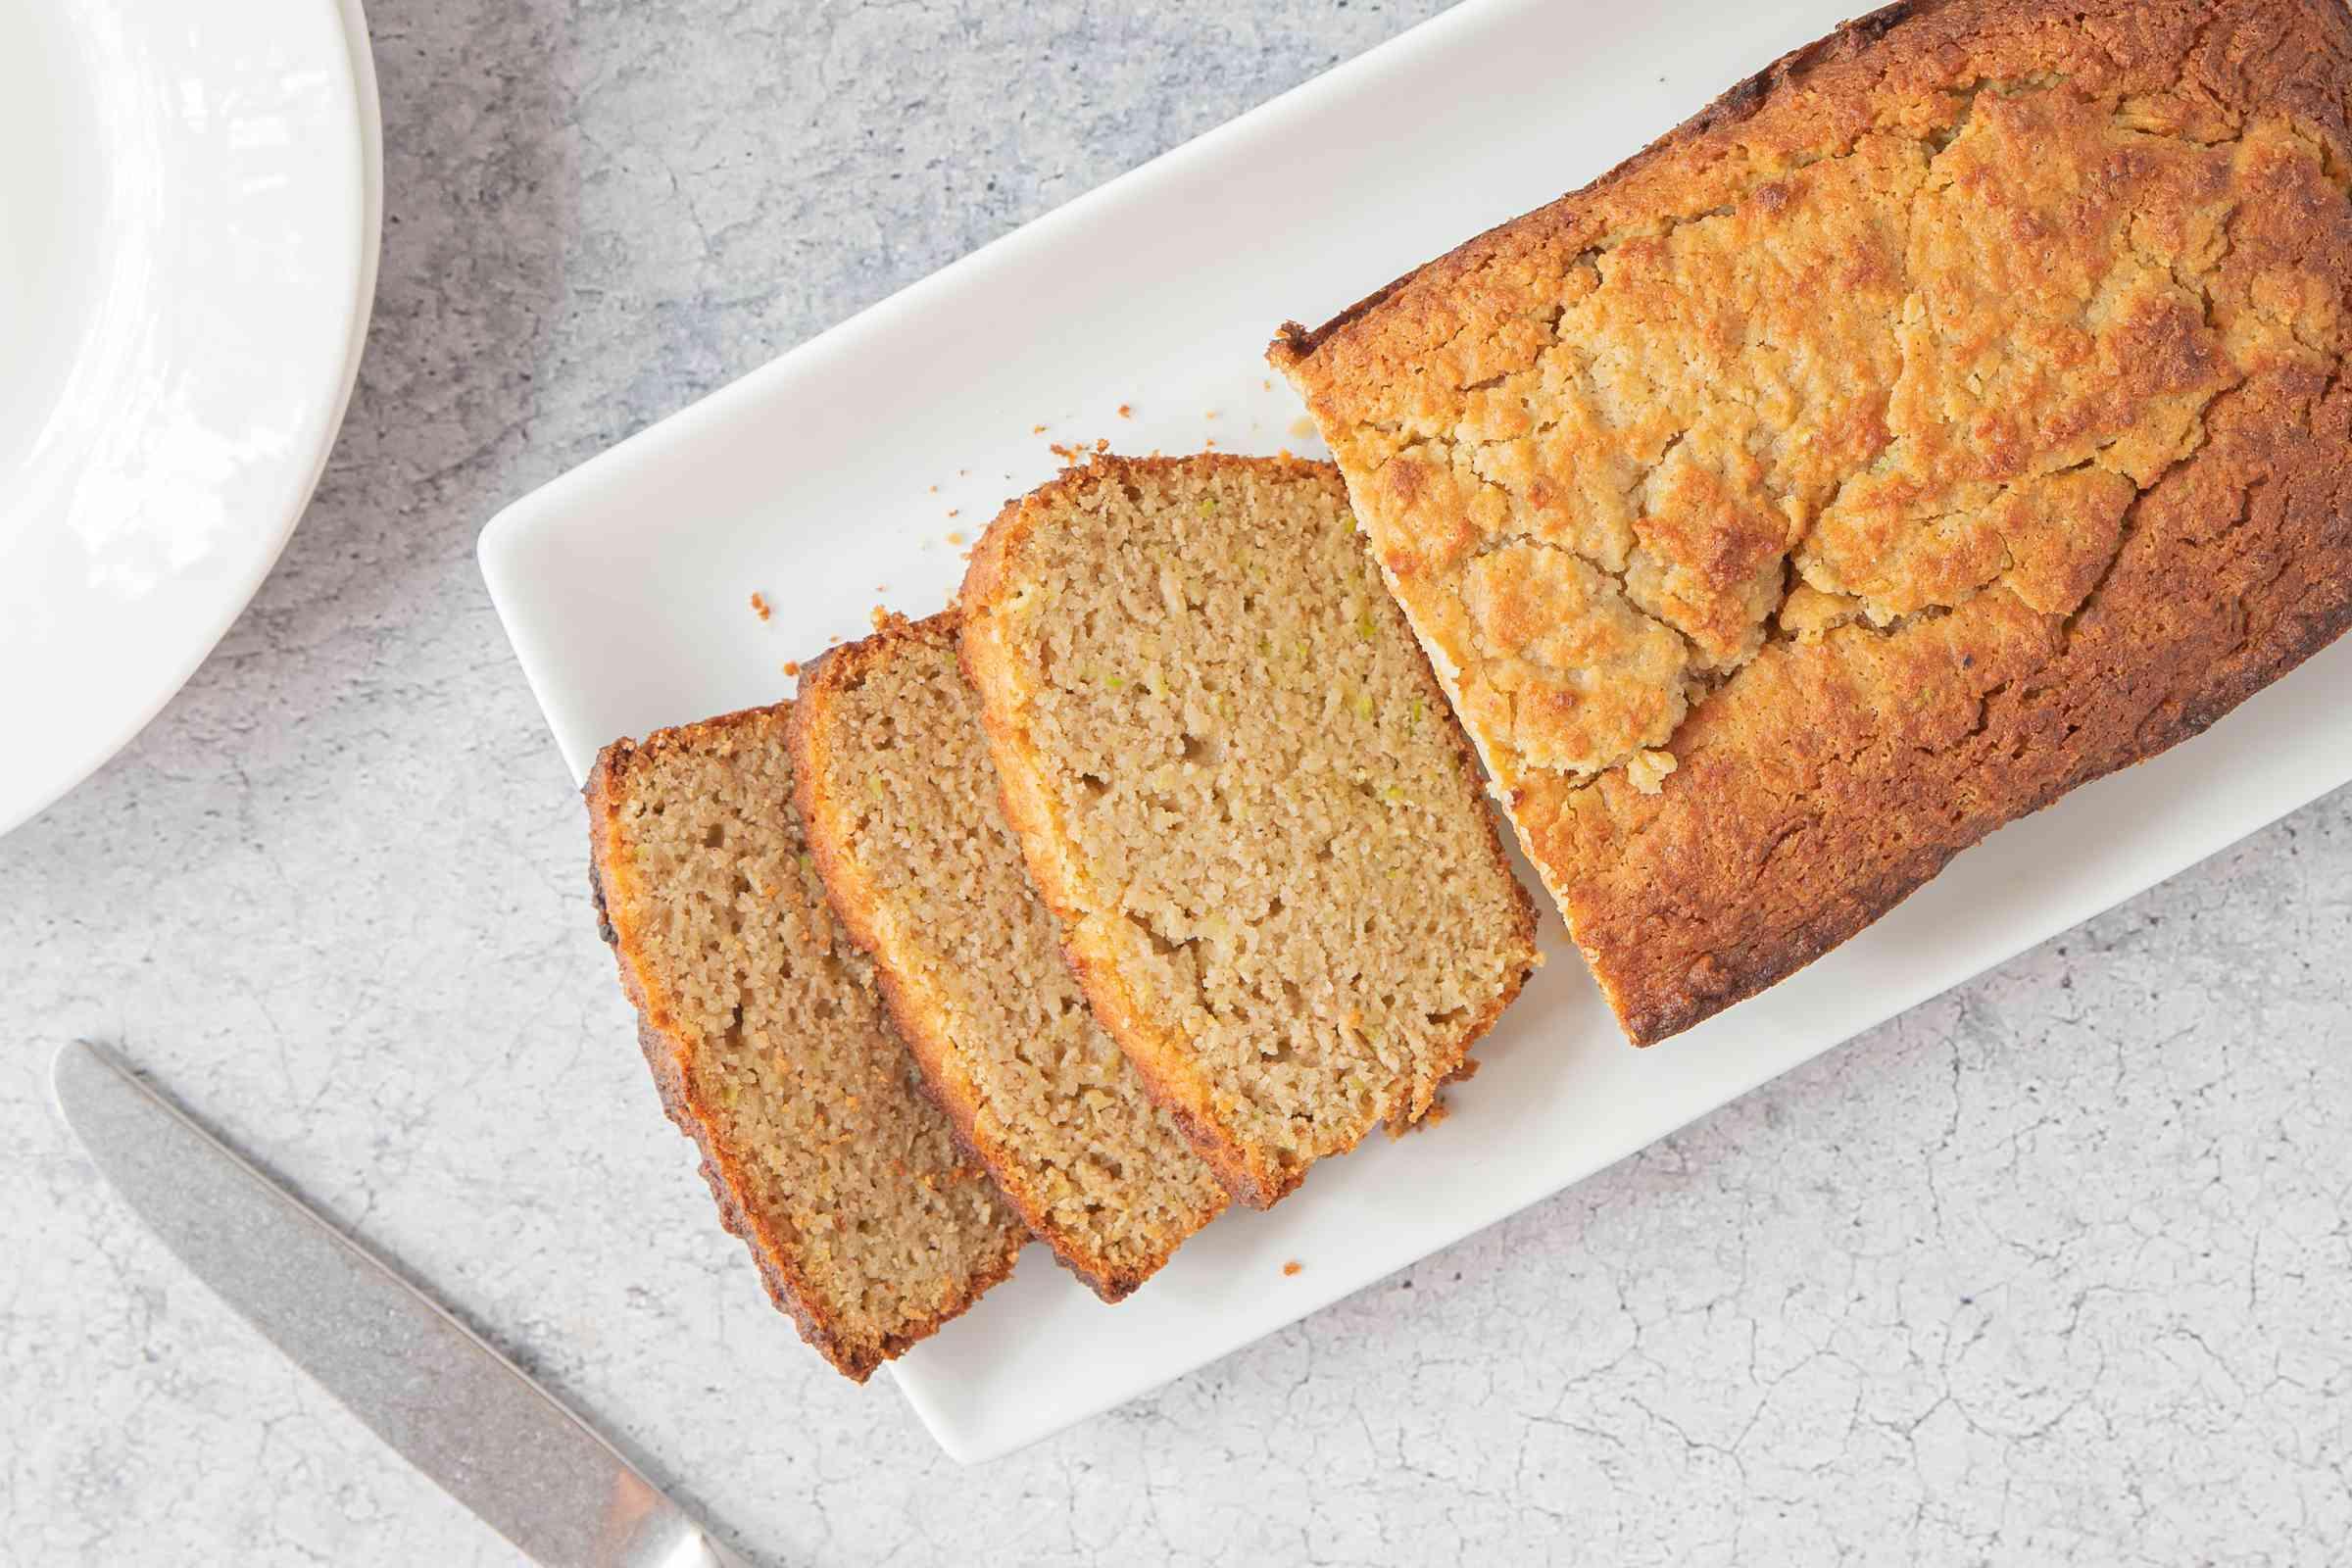 Keto Zucchini Bread slices